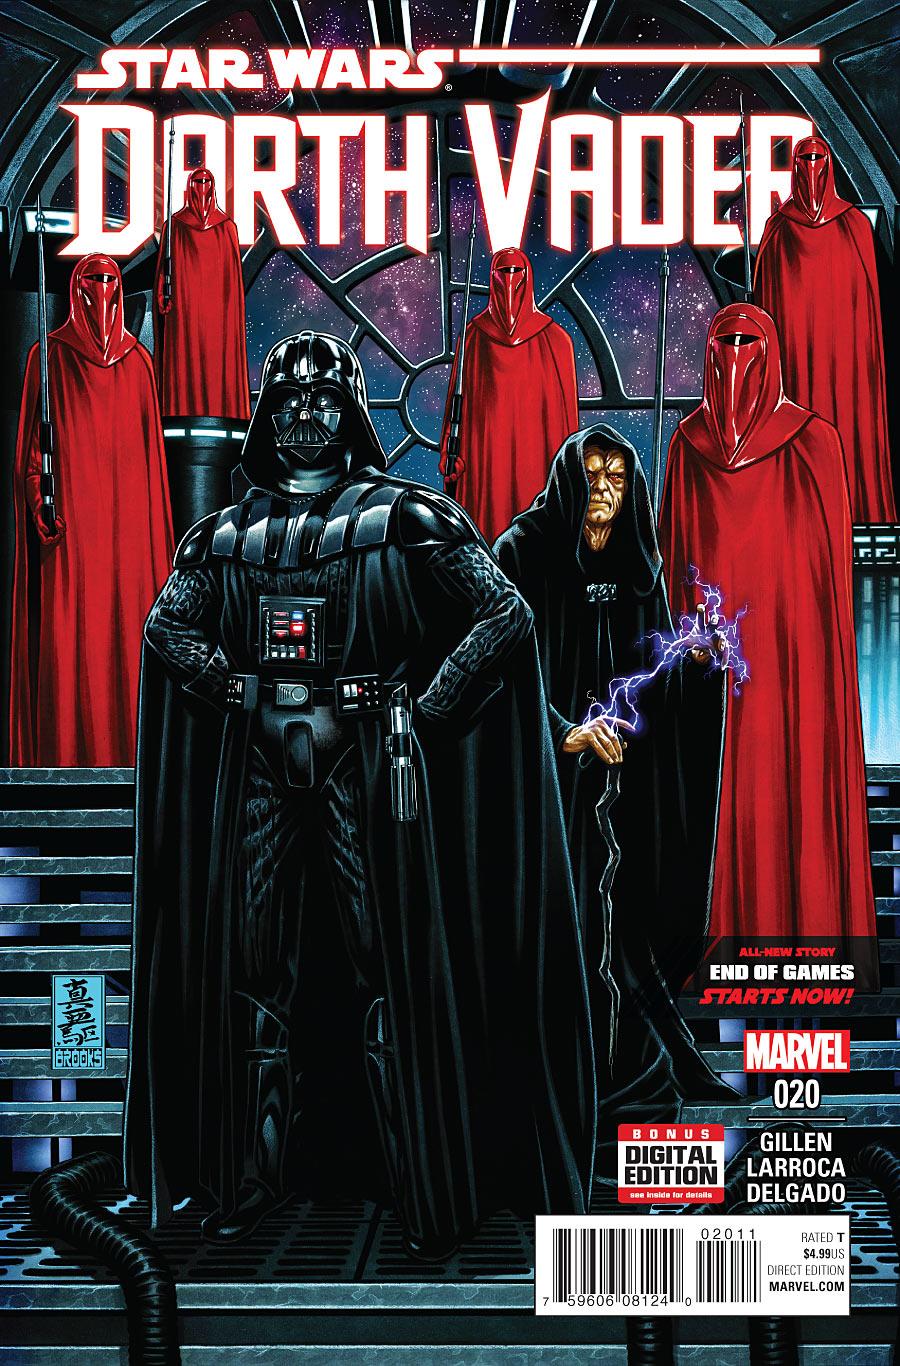 Star Wars: Darth Vader #20